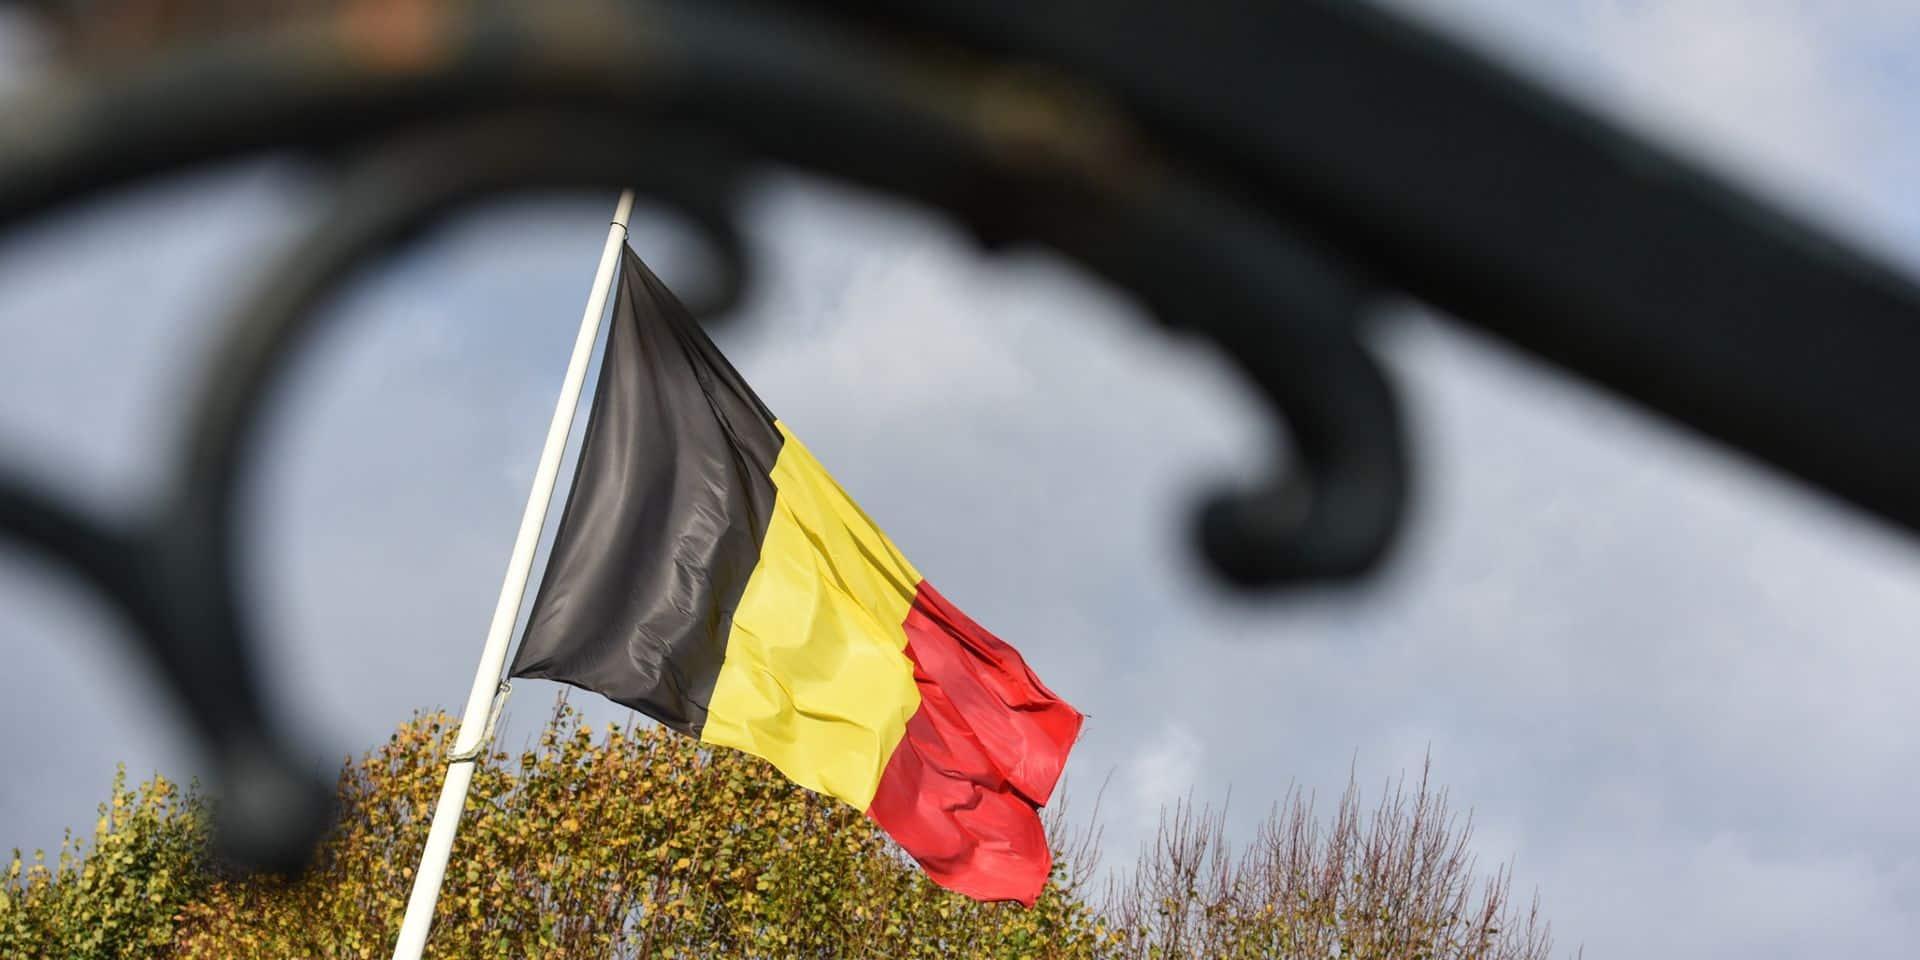 Edito : Mettre de l'ordre en Belgique? Avec extrême prudence...